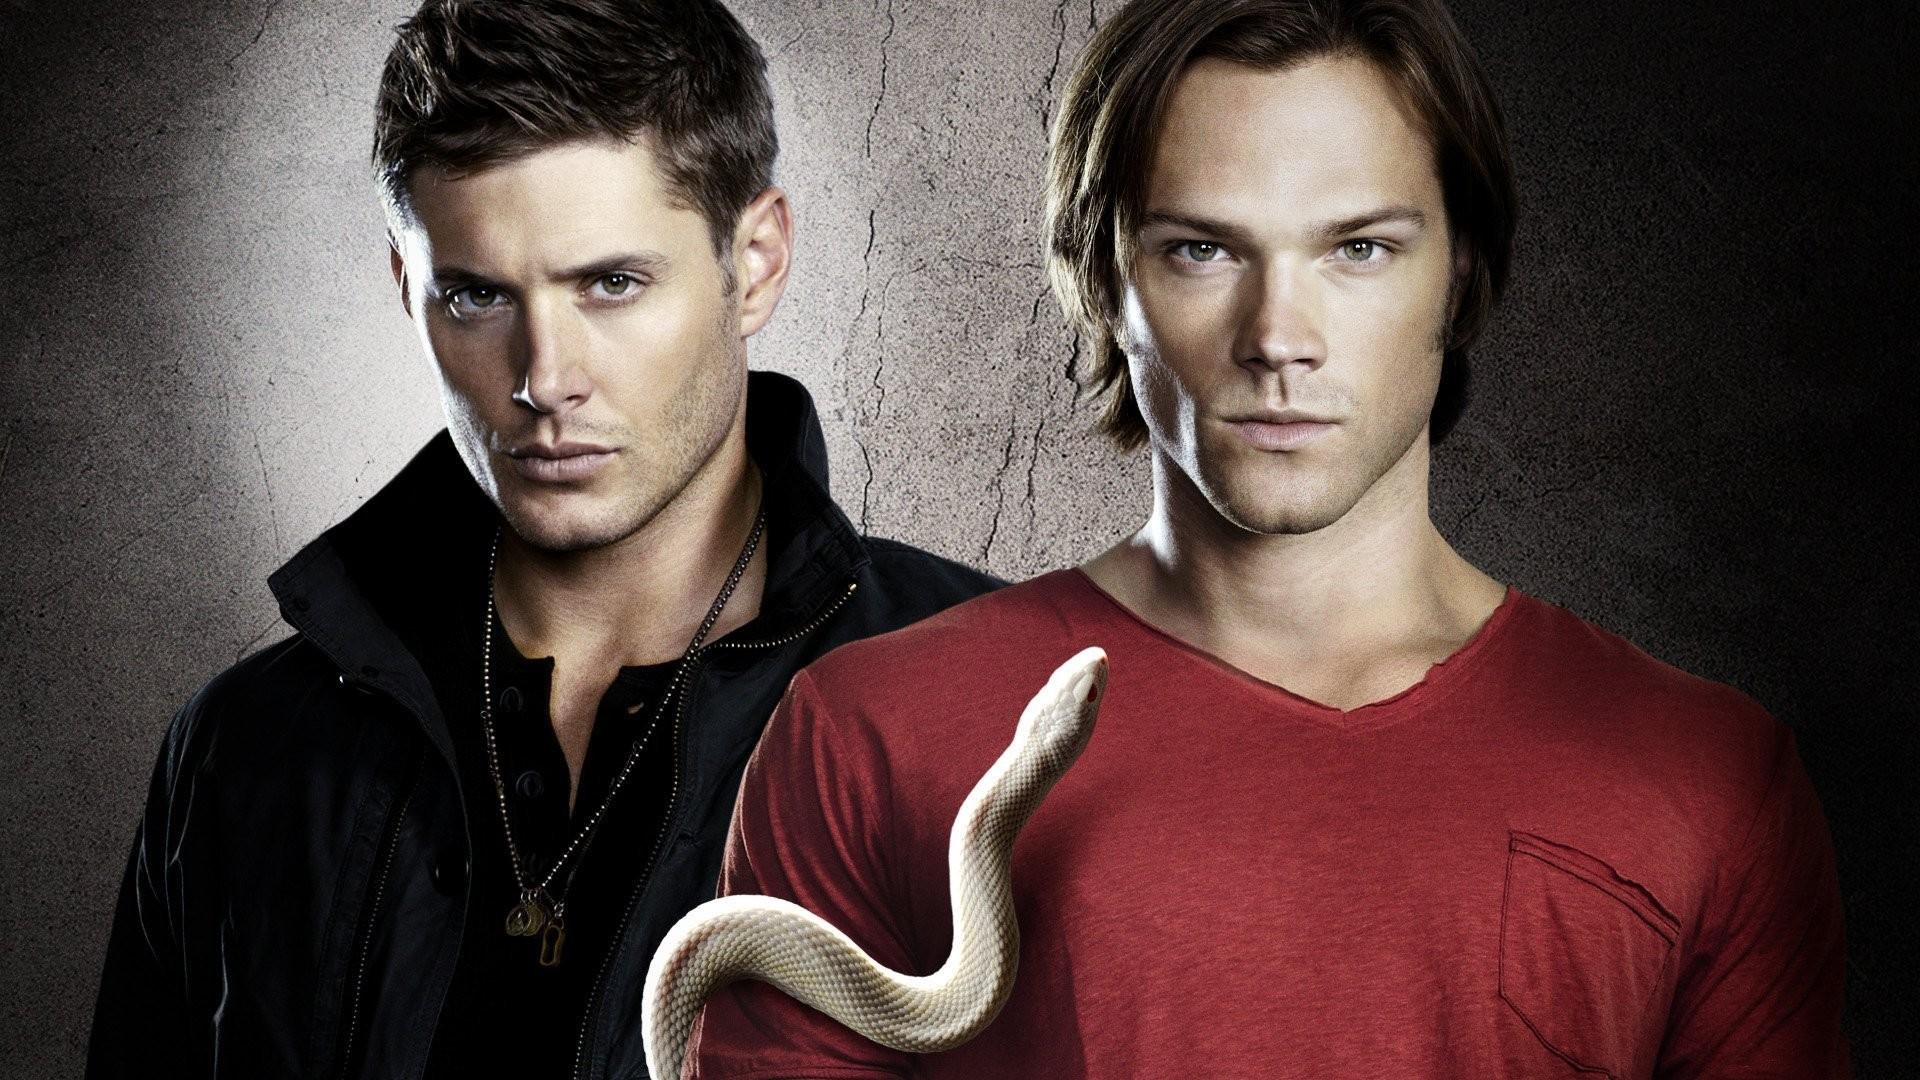 supernatural dean sam winchester brothers supernatural tv series dean sam  snake jensen ackles jared padalecki j2